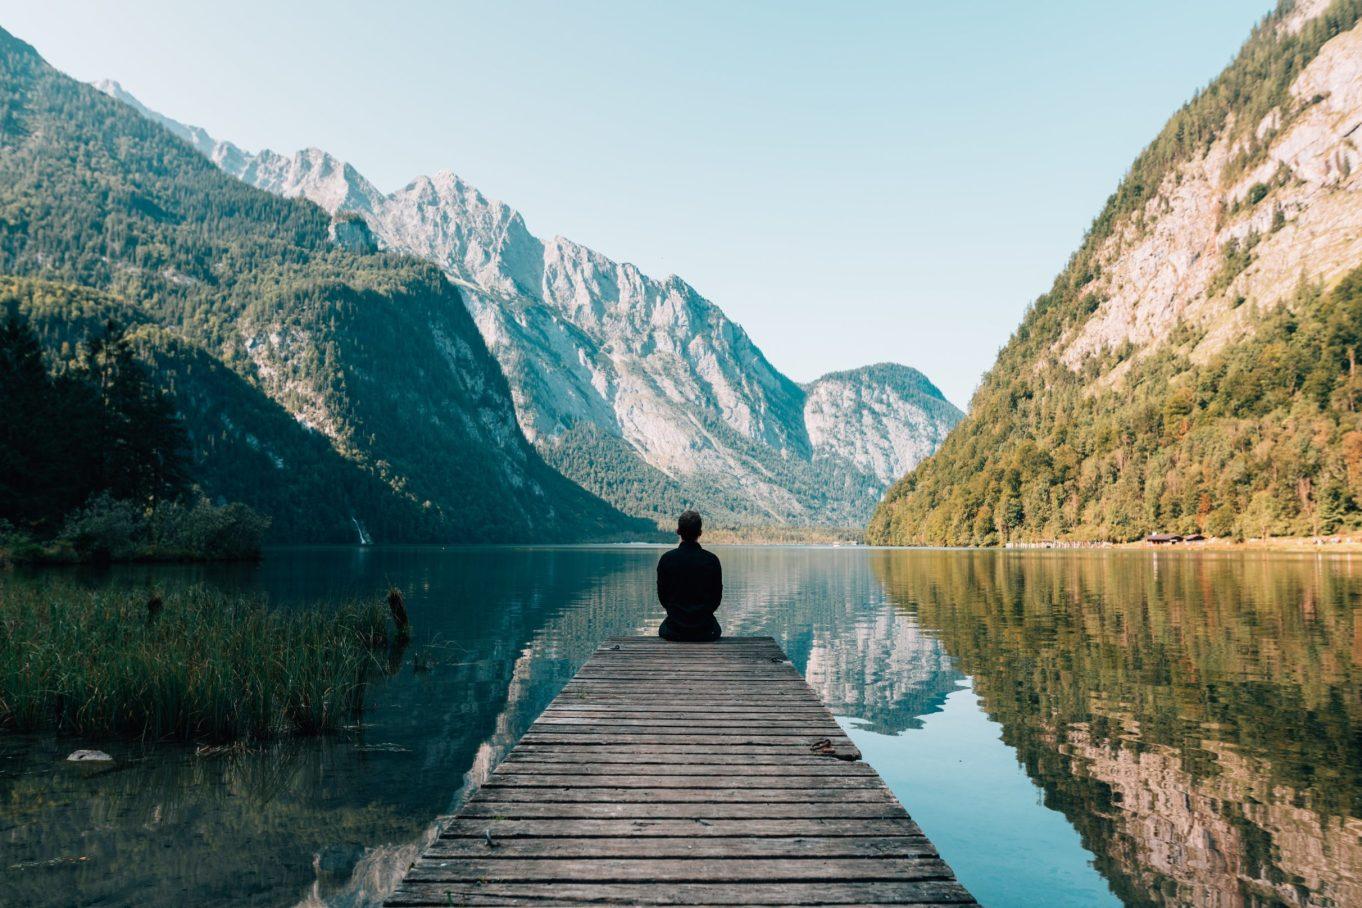 Frau am See meditiert